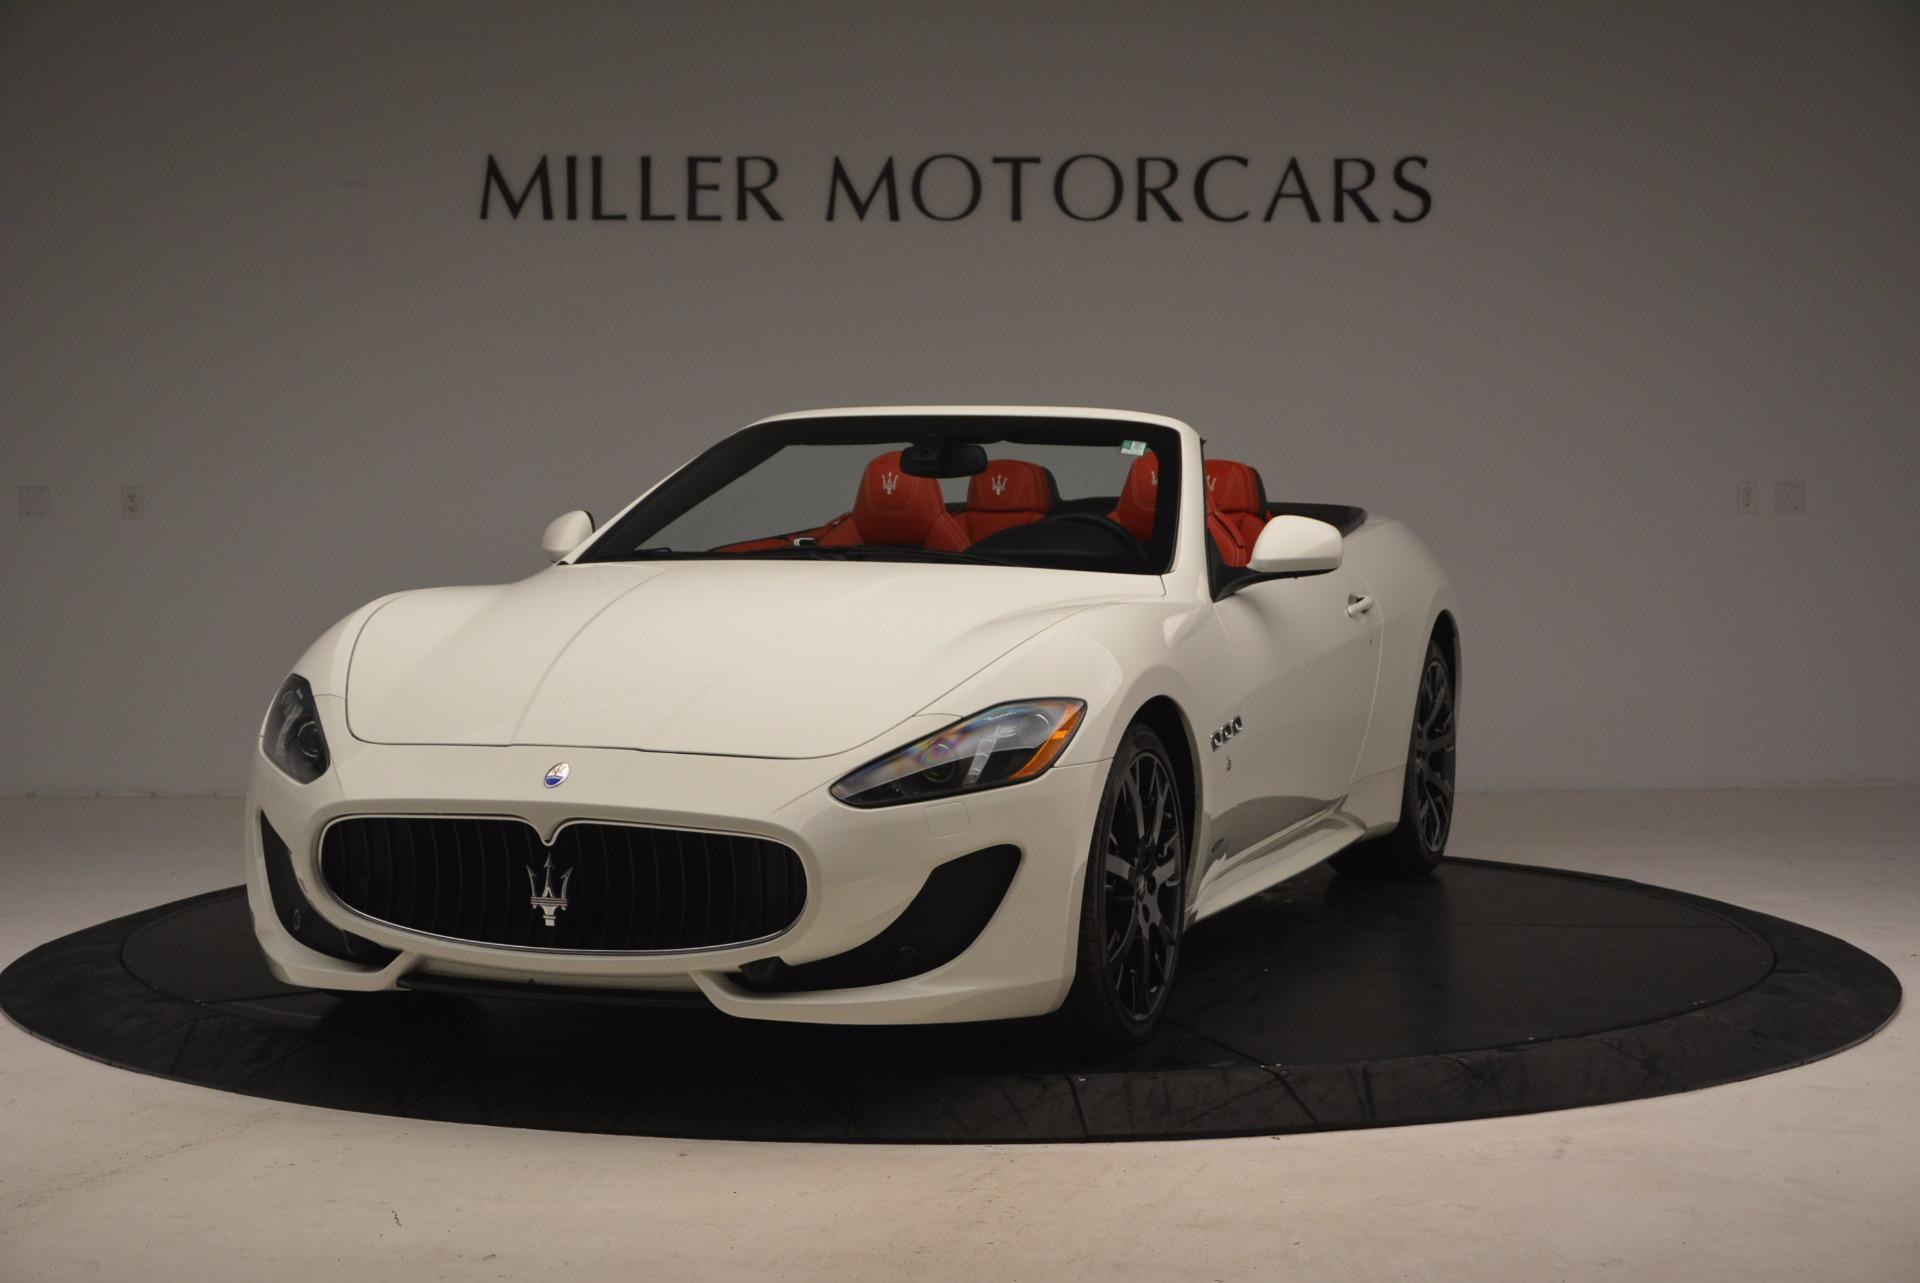 Used 2016 Maserati GranTurismo Sport for sale Sold at Maserati of Greenwich in Greenwich CT 06830 1